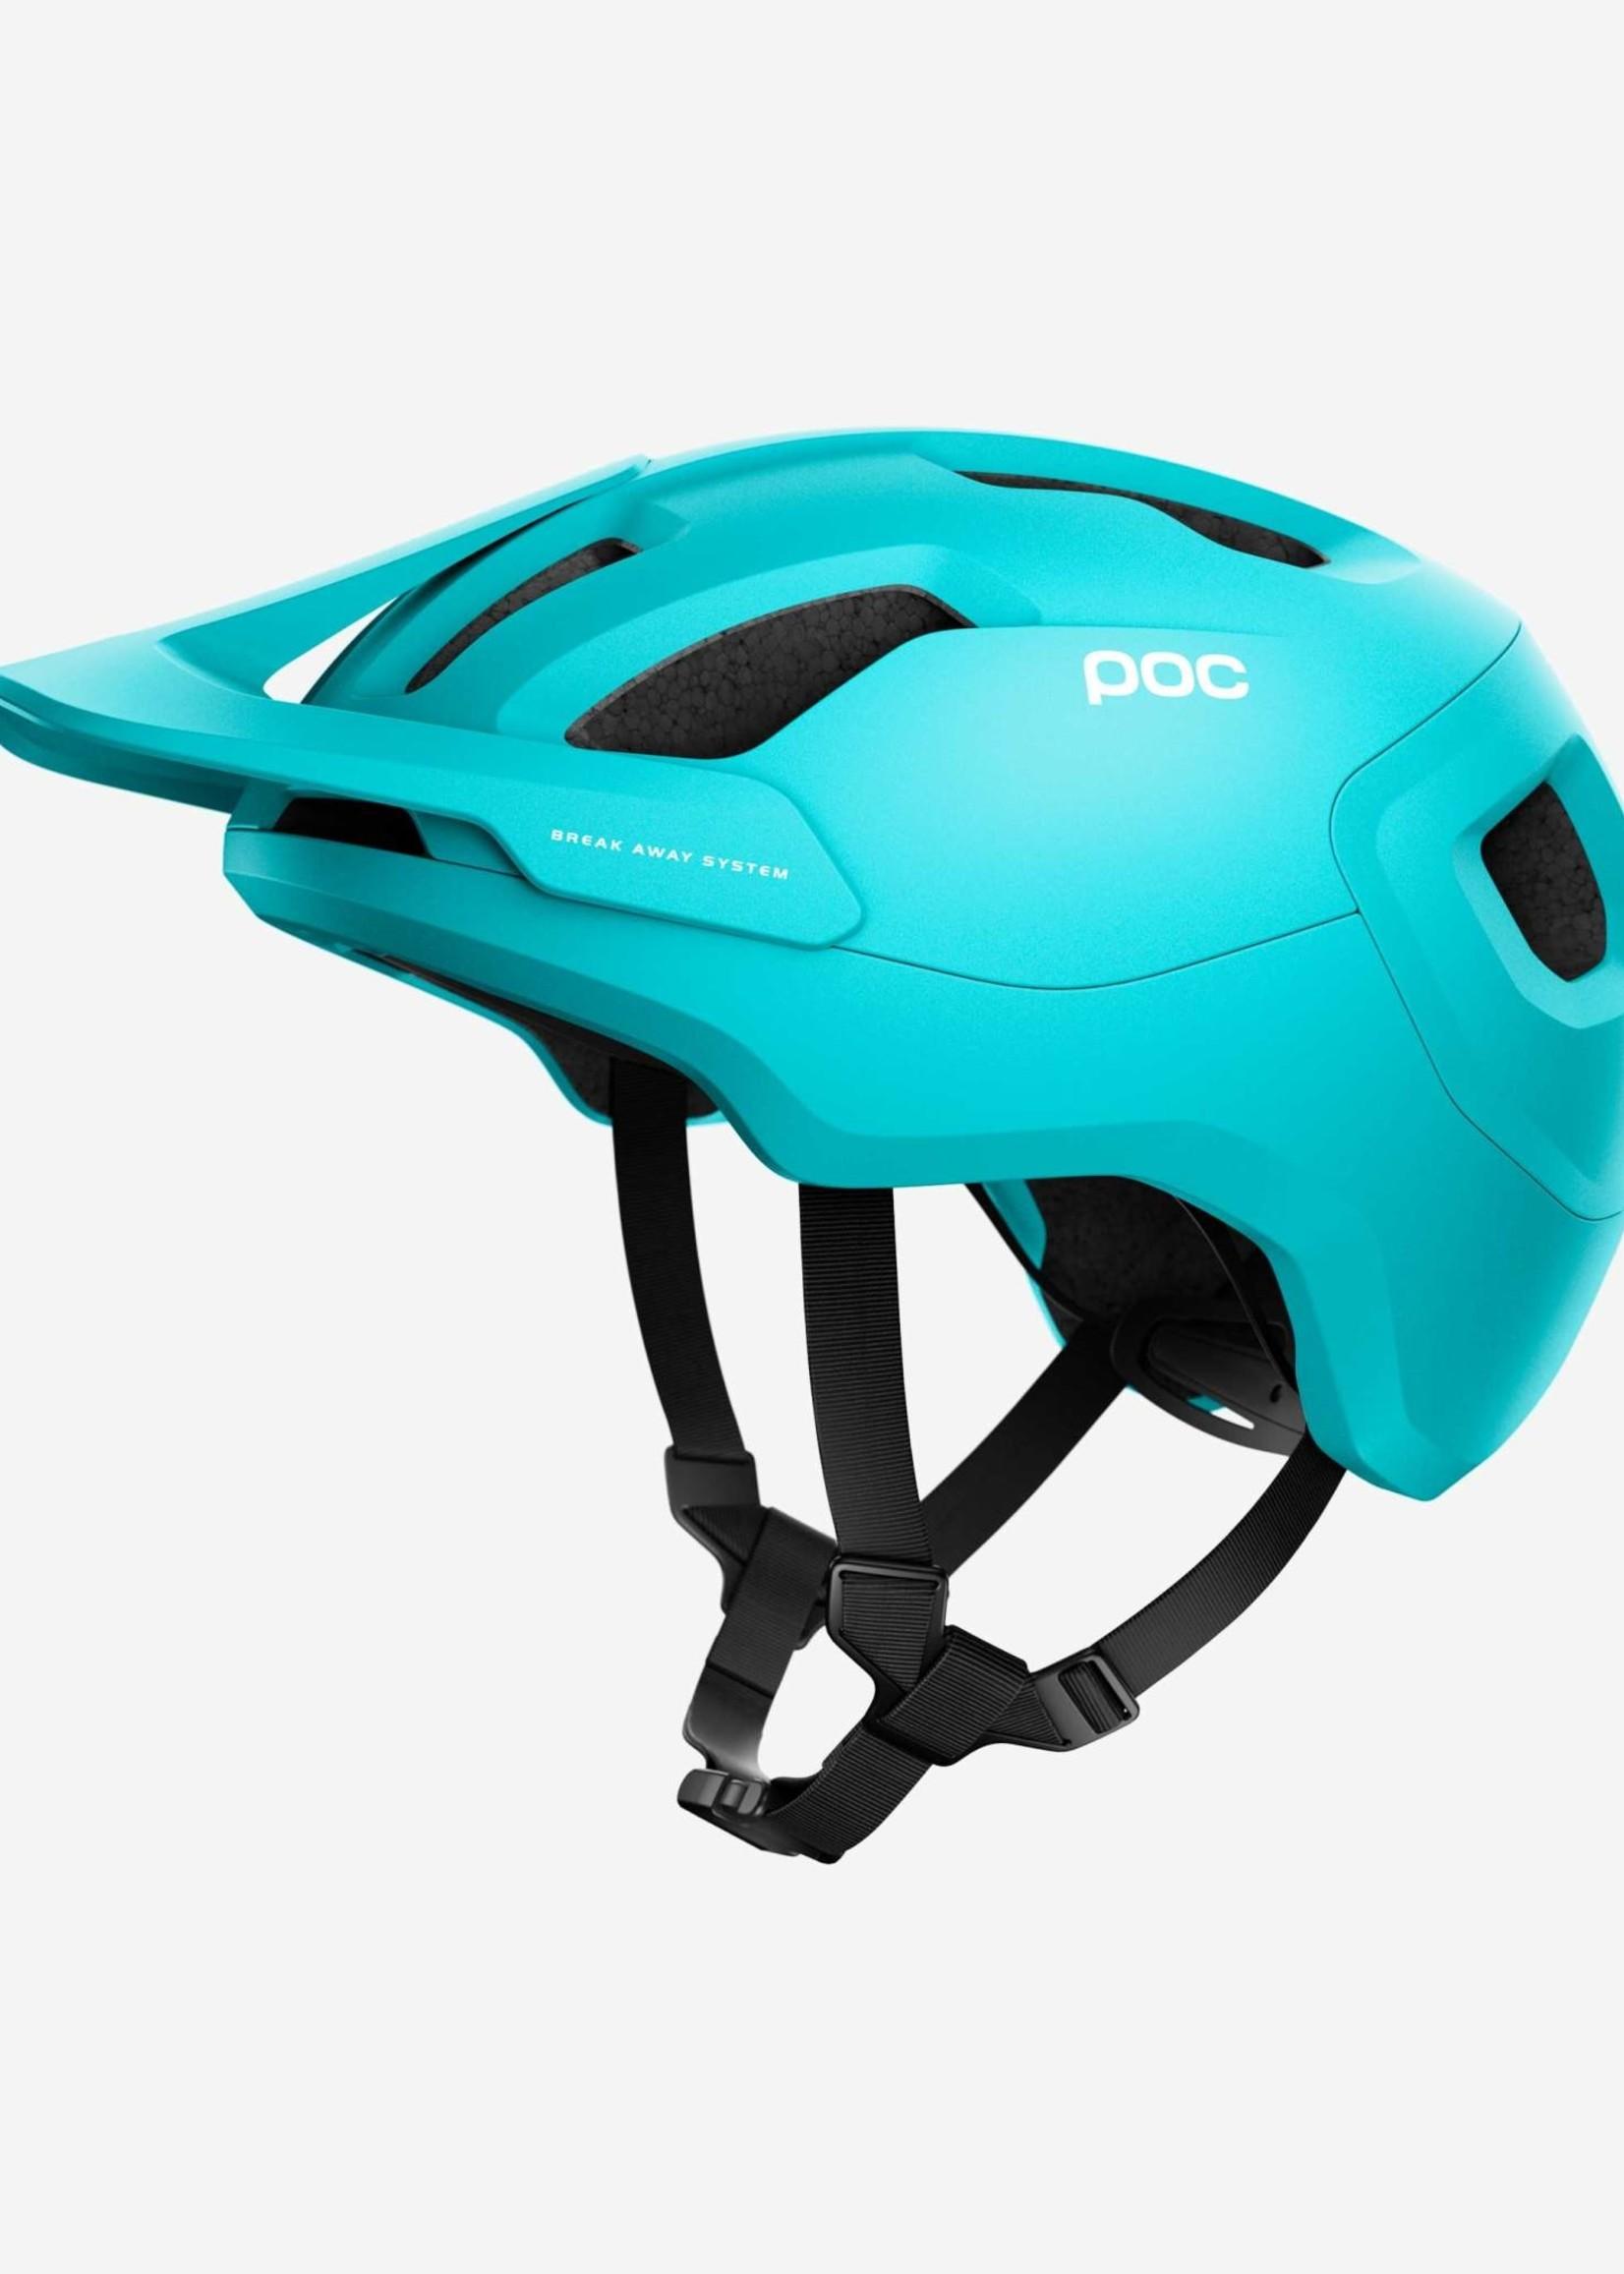 POC POC Axion SPIN Trail & Enduro Biking Helmet